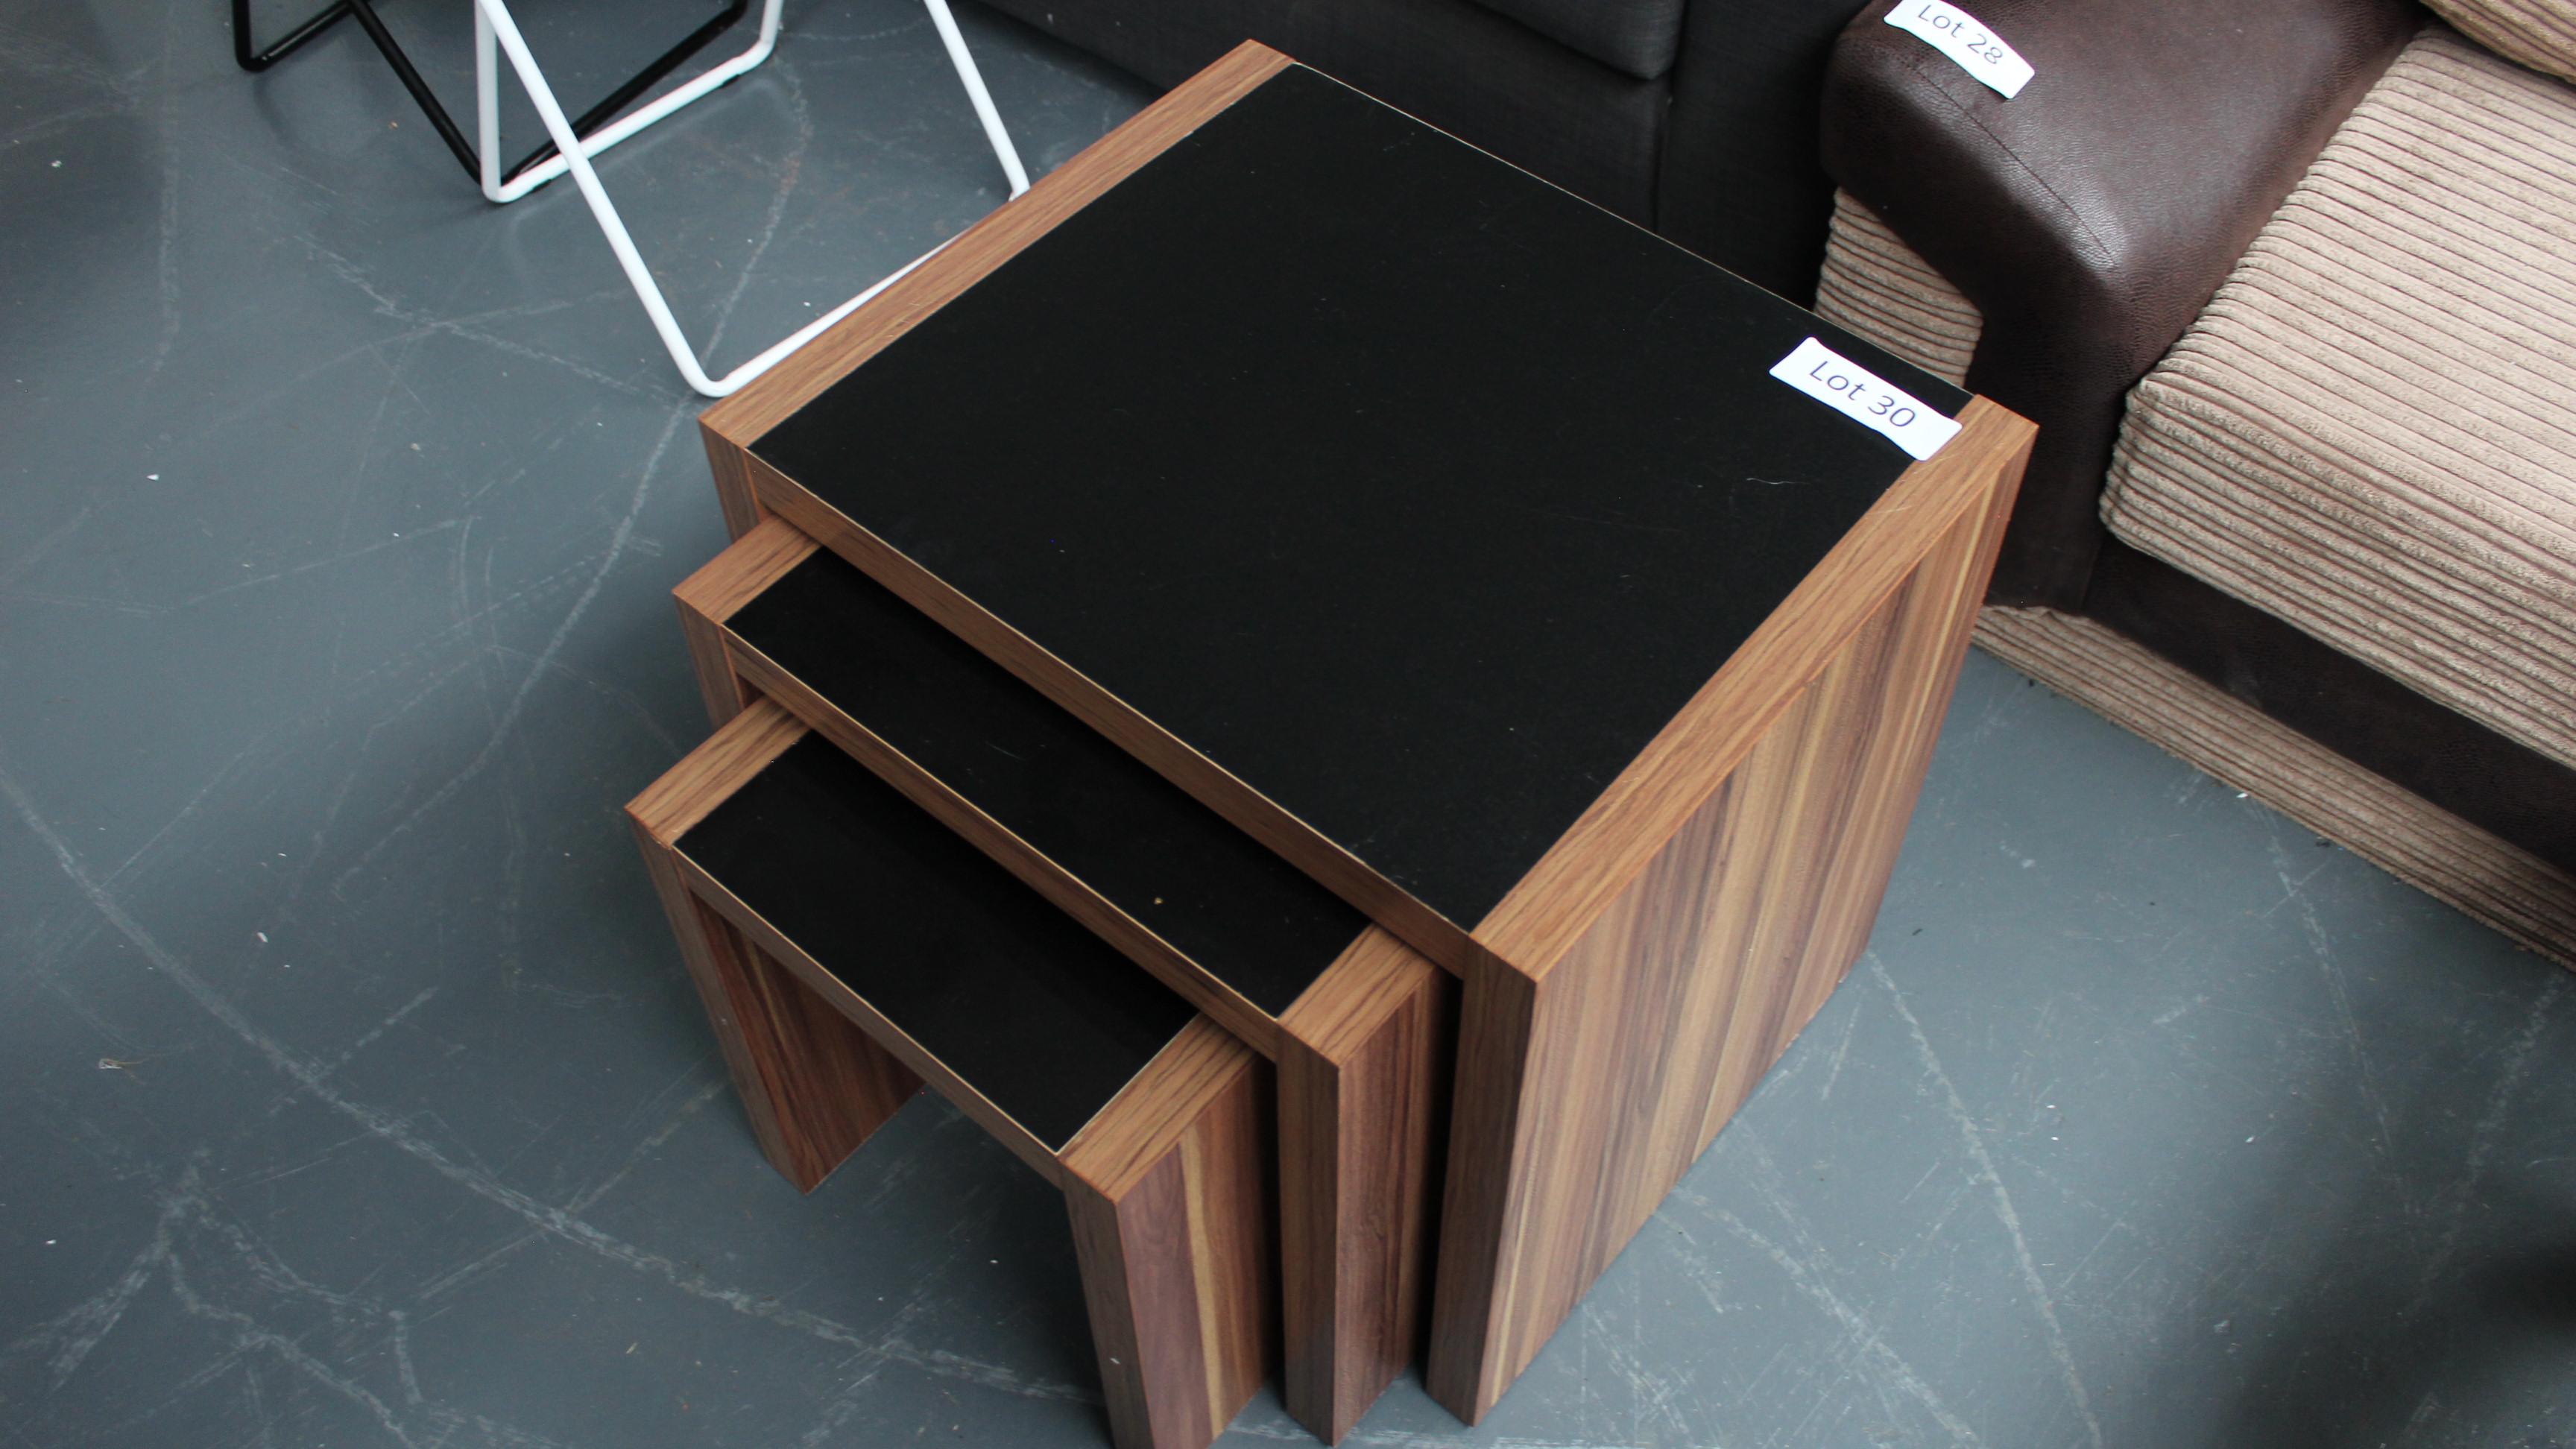 Lot 30 - Nest of 3 Tables. Customer Returns